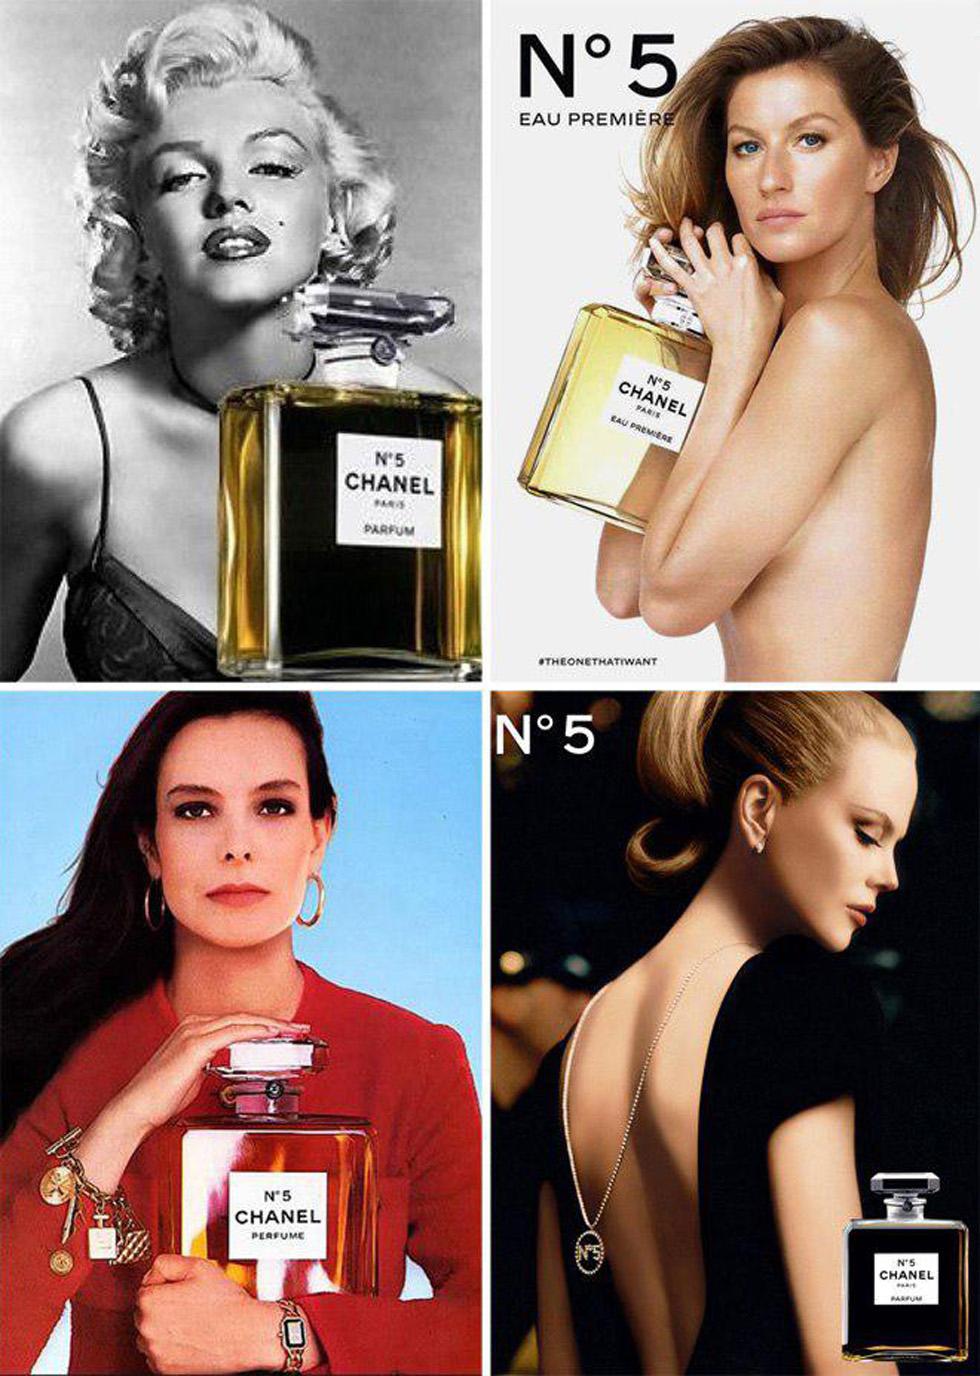 Рекламные плакаты легендарного парфюма. Фото: пресс-служба